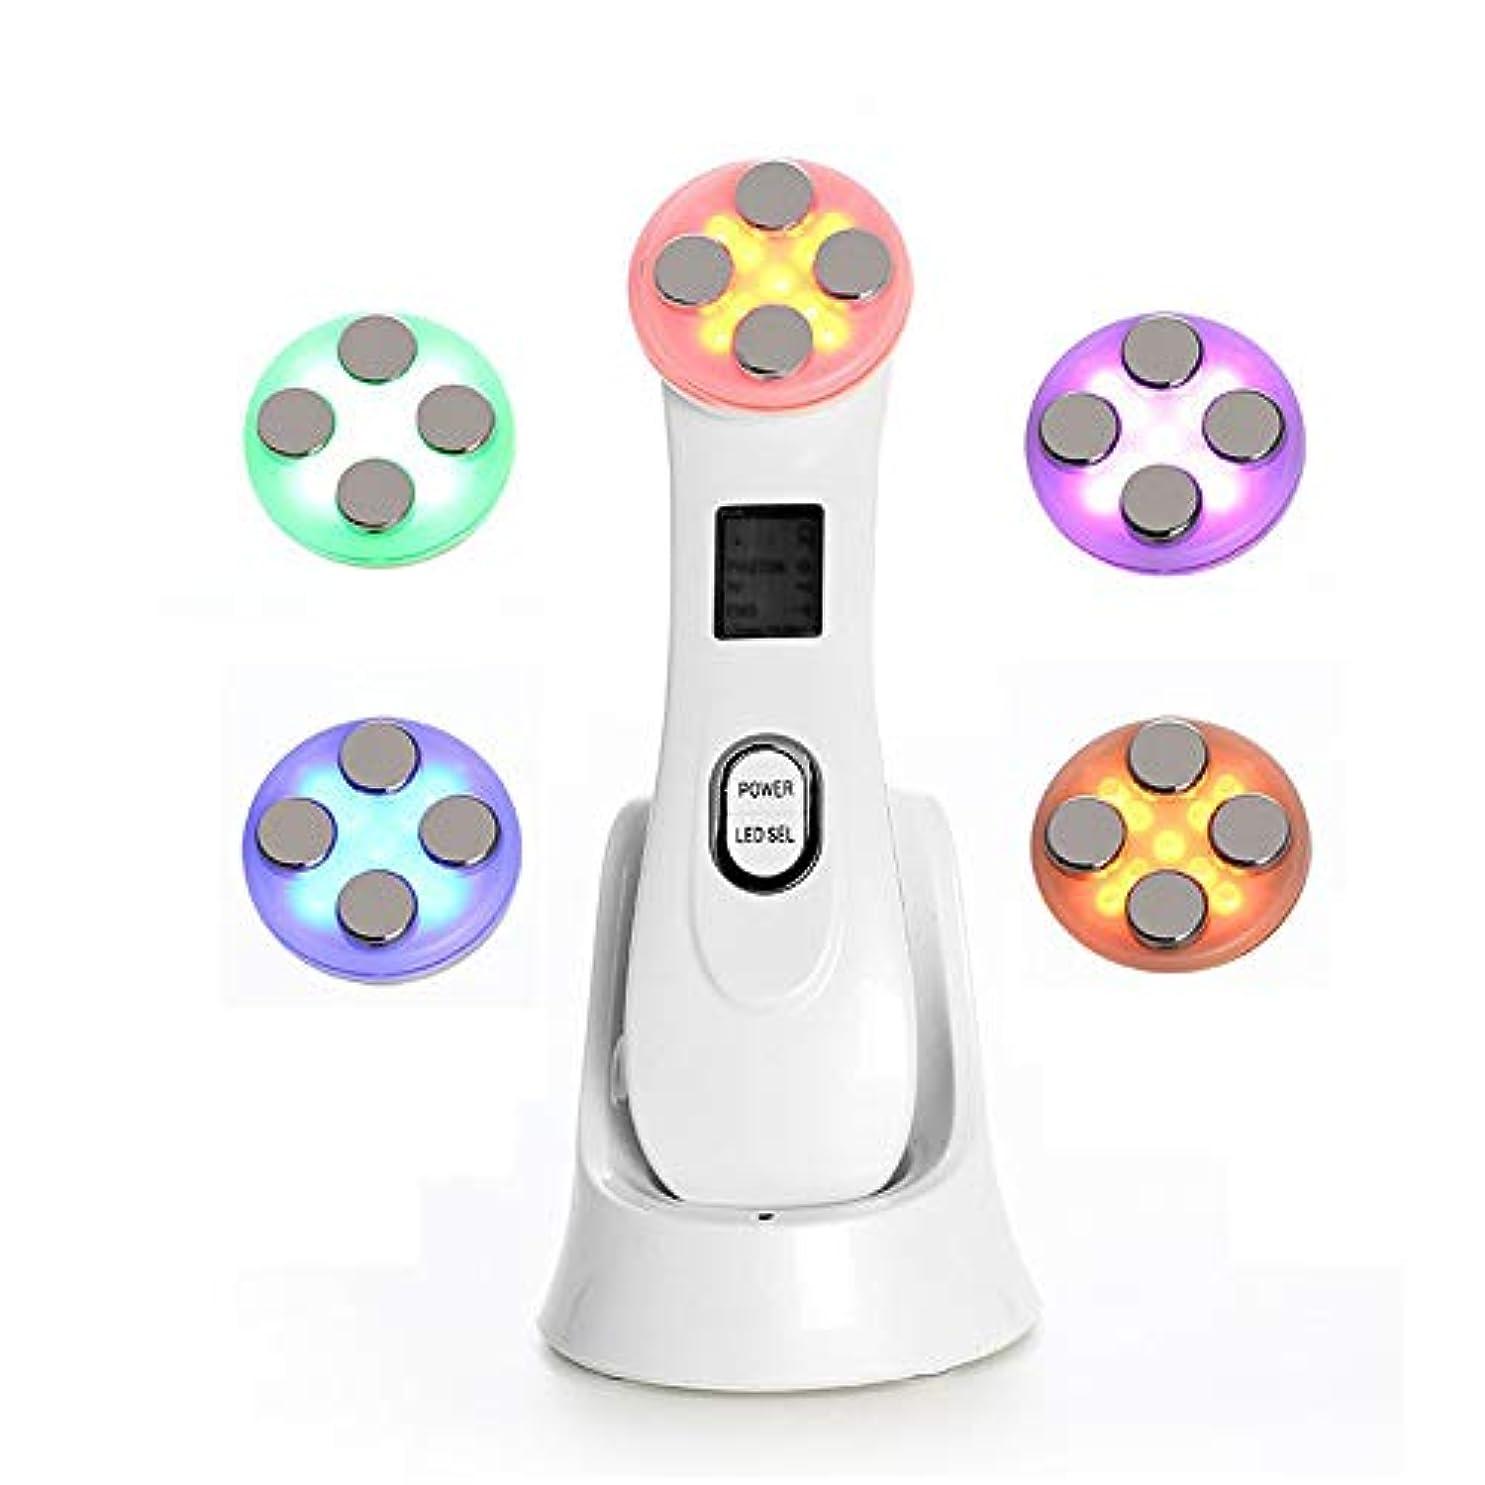 ディプロマアンカーバケットアメリカのプラスチック機器EMSエレクトロポレーションRF美容機器LED肌色光剥離機美容機器